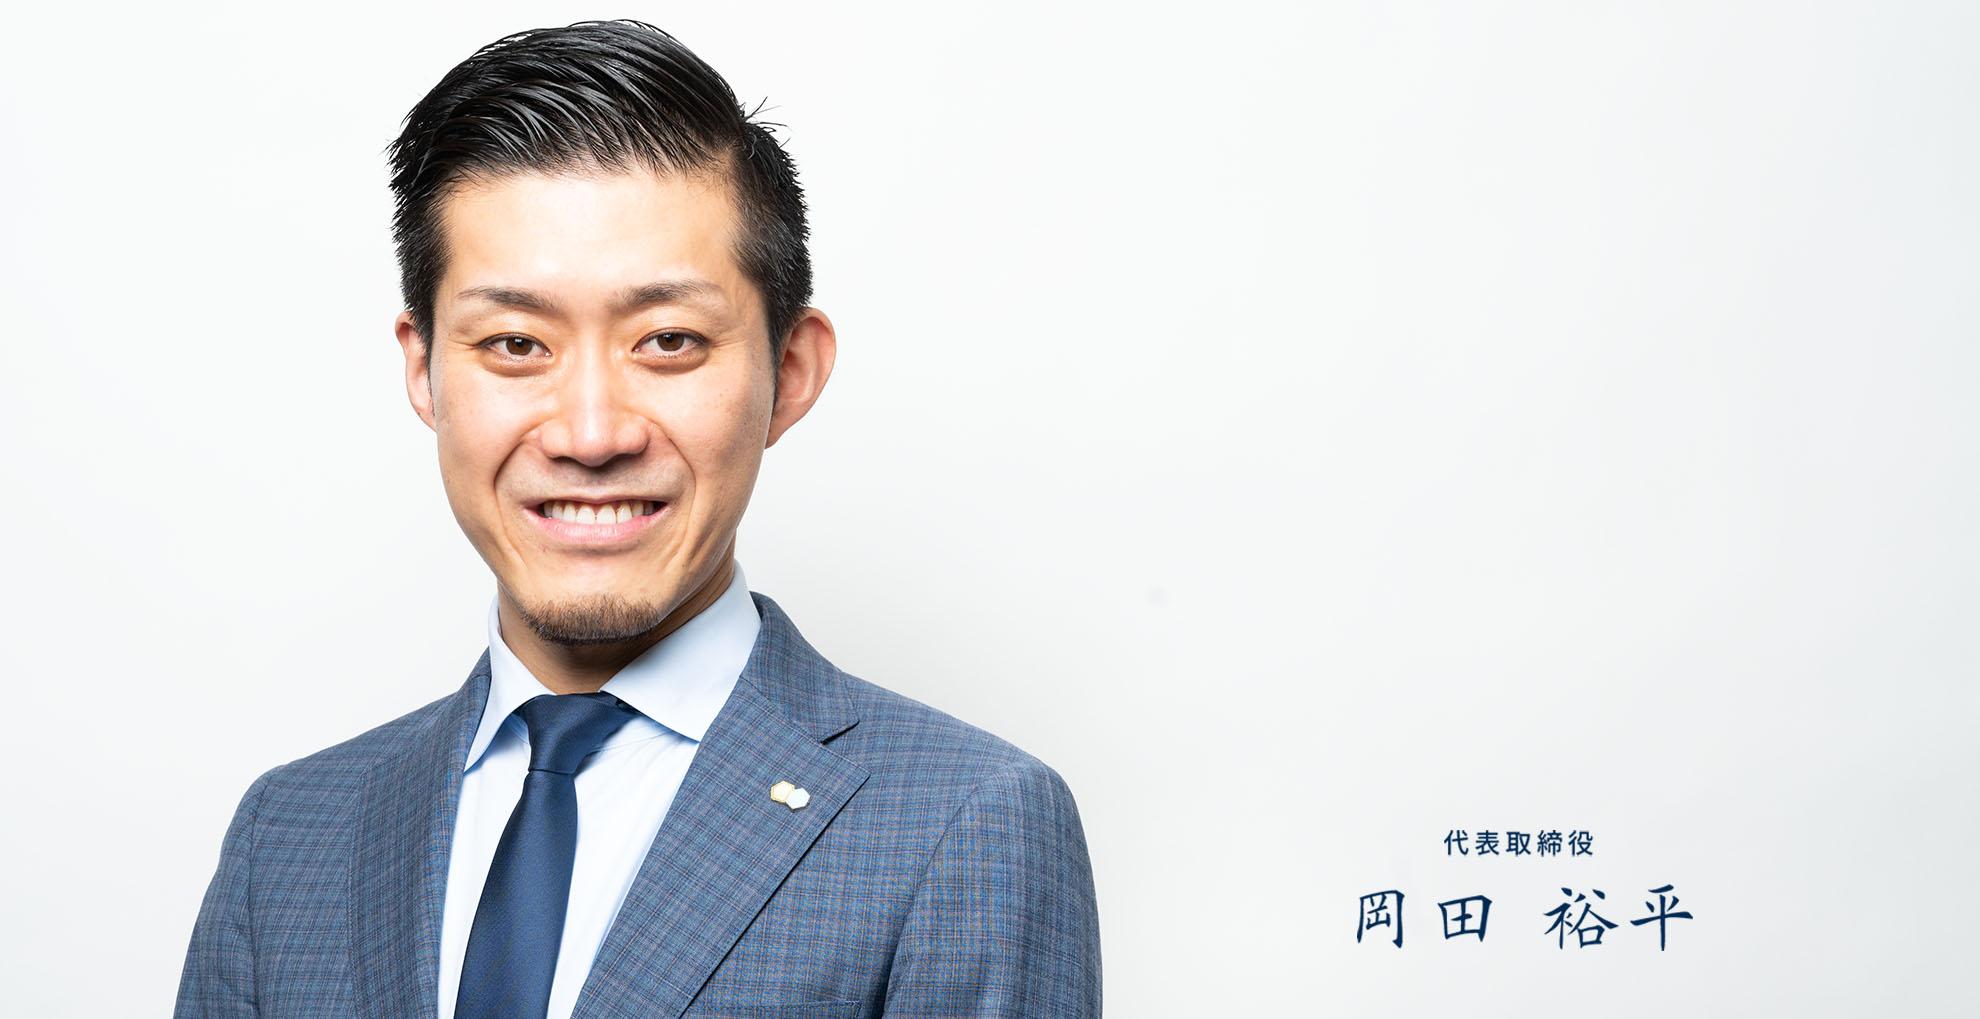 代表取締役社長 兼 CEO 岡田 裕平